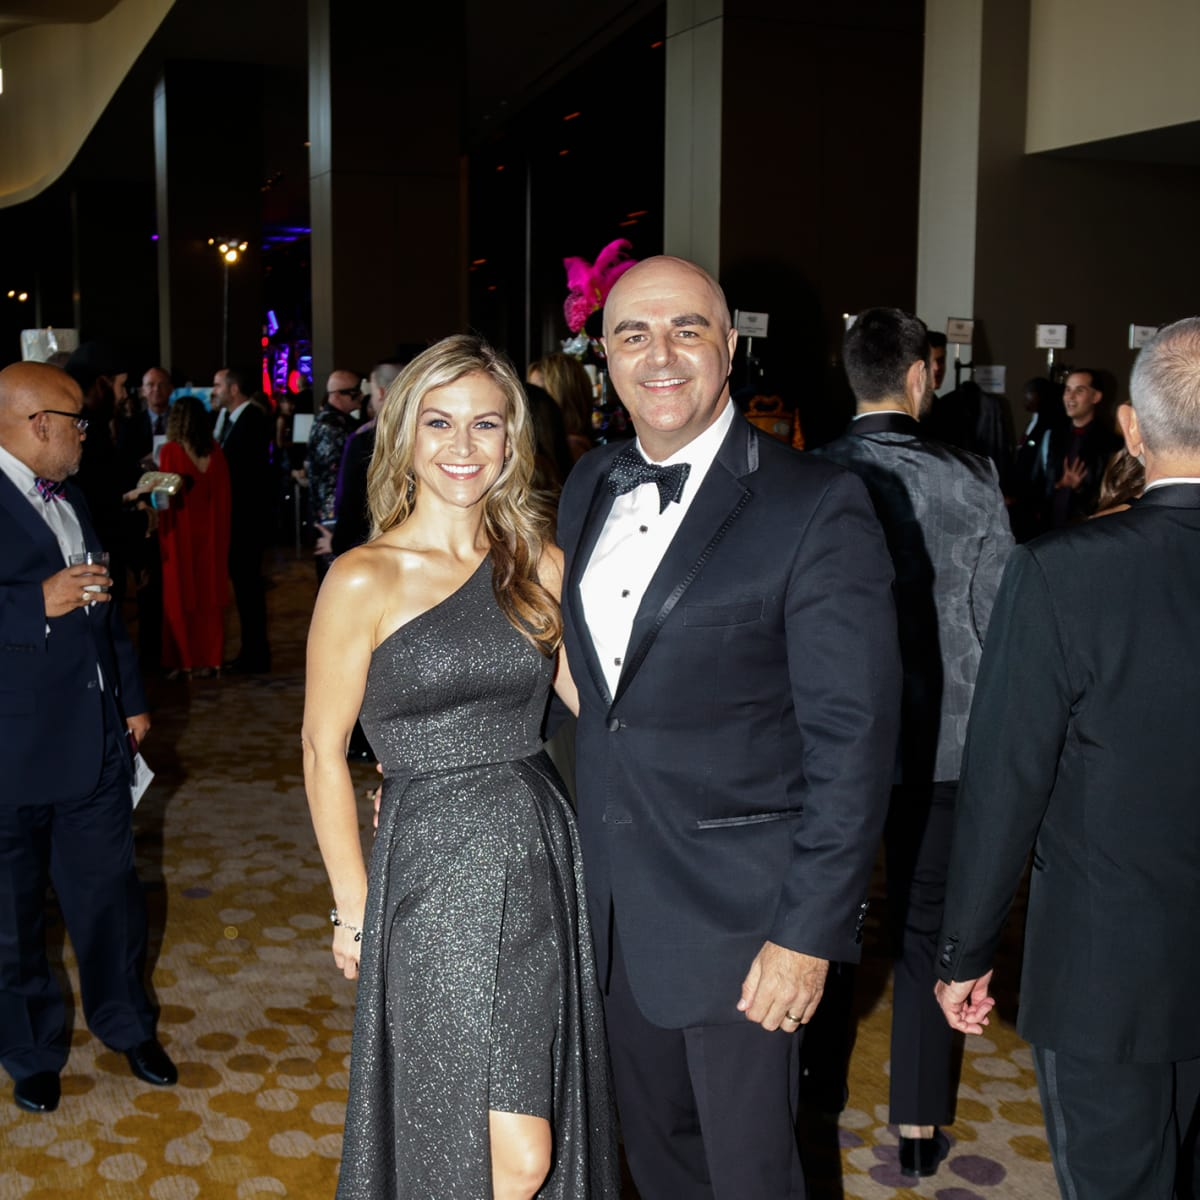 Krystal DeAlano, Tommy DeAlano at House of DIFFA 2018